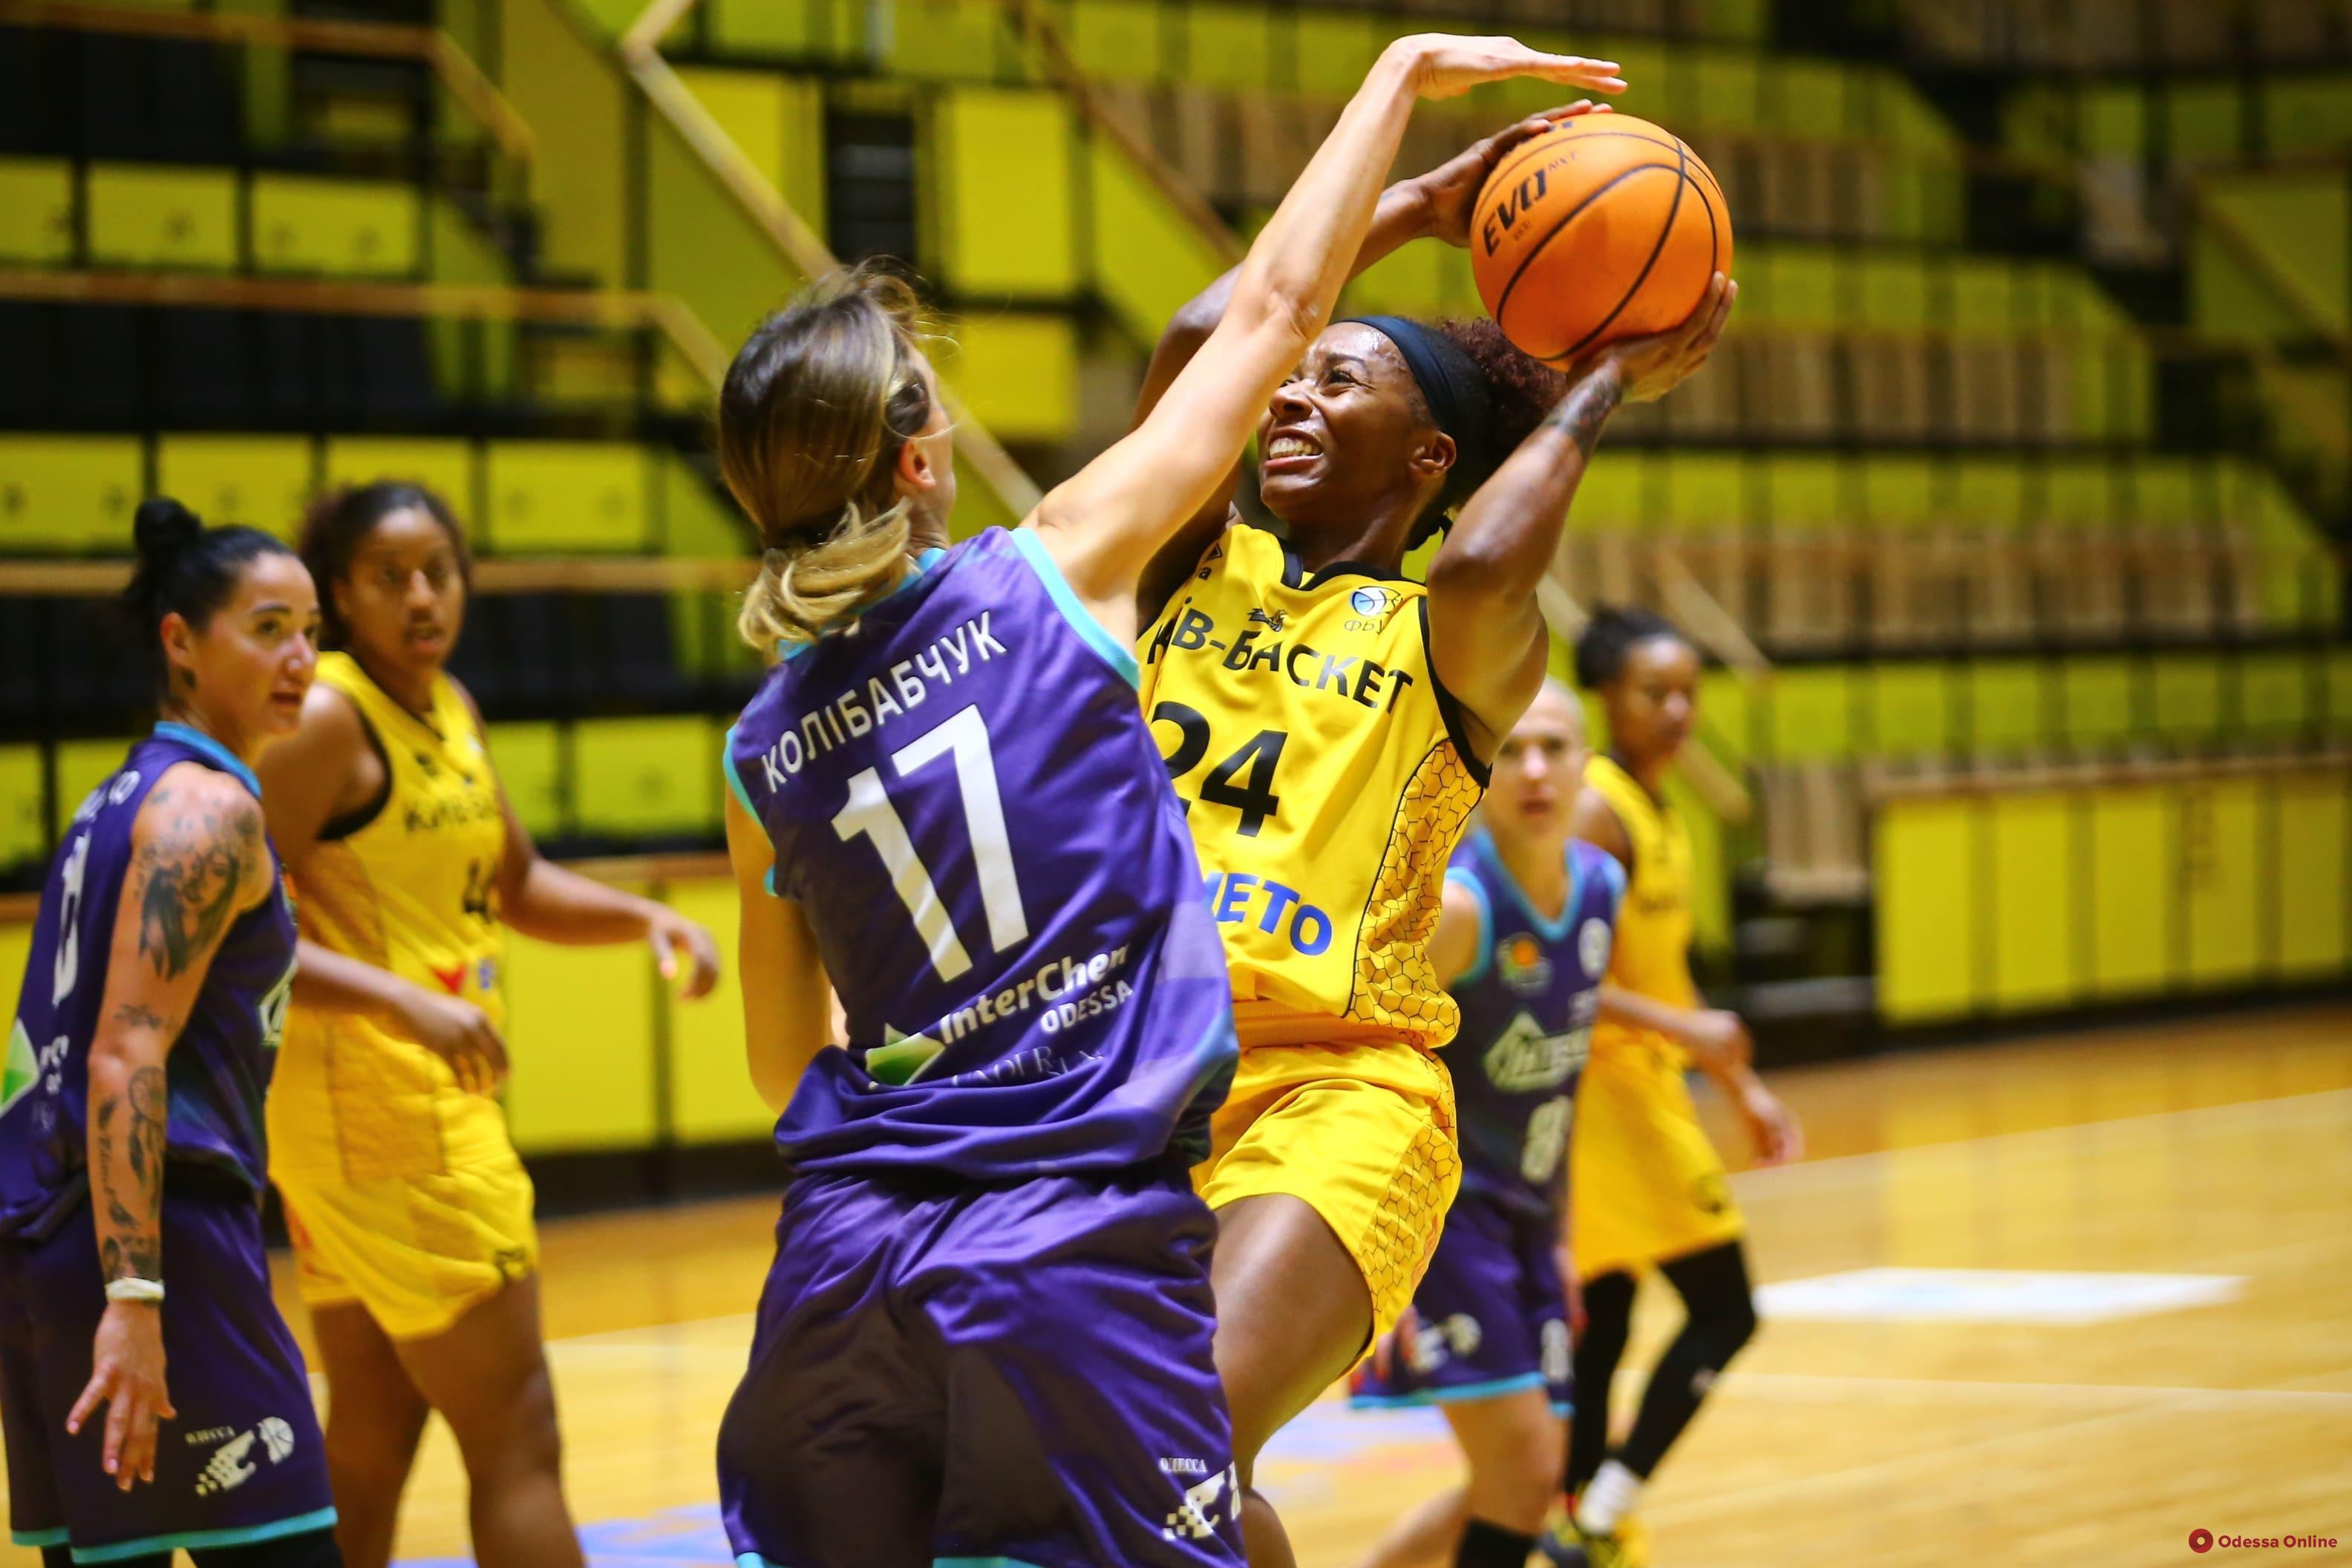 Одесские баскетболистки начали сезон с двух поражений от вице-чемпиона Украины